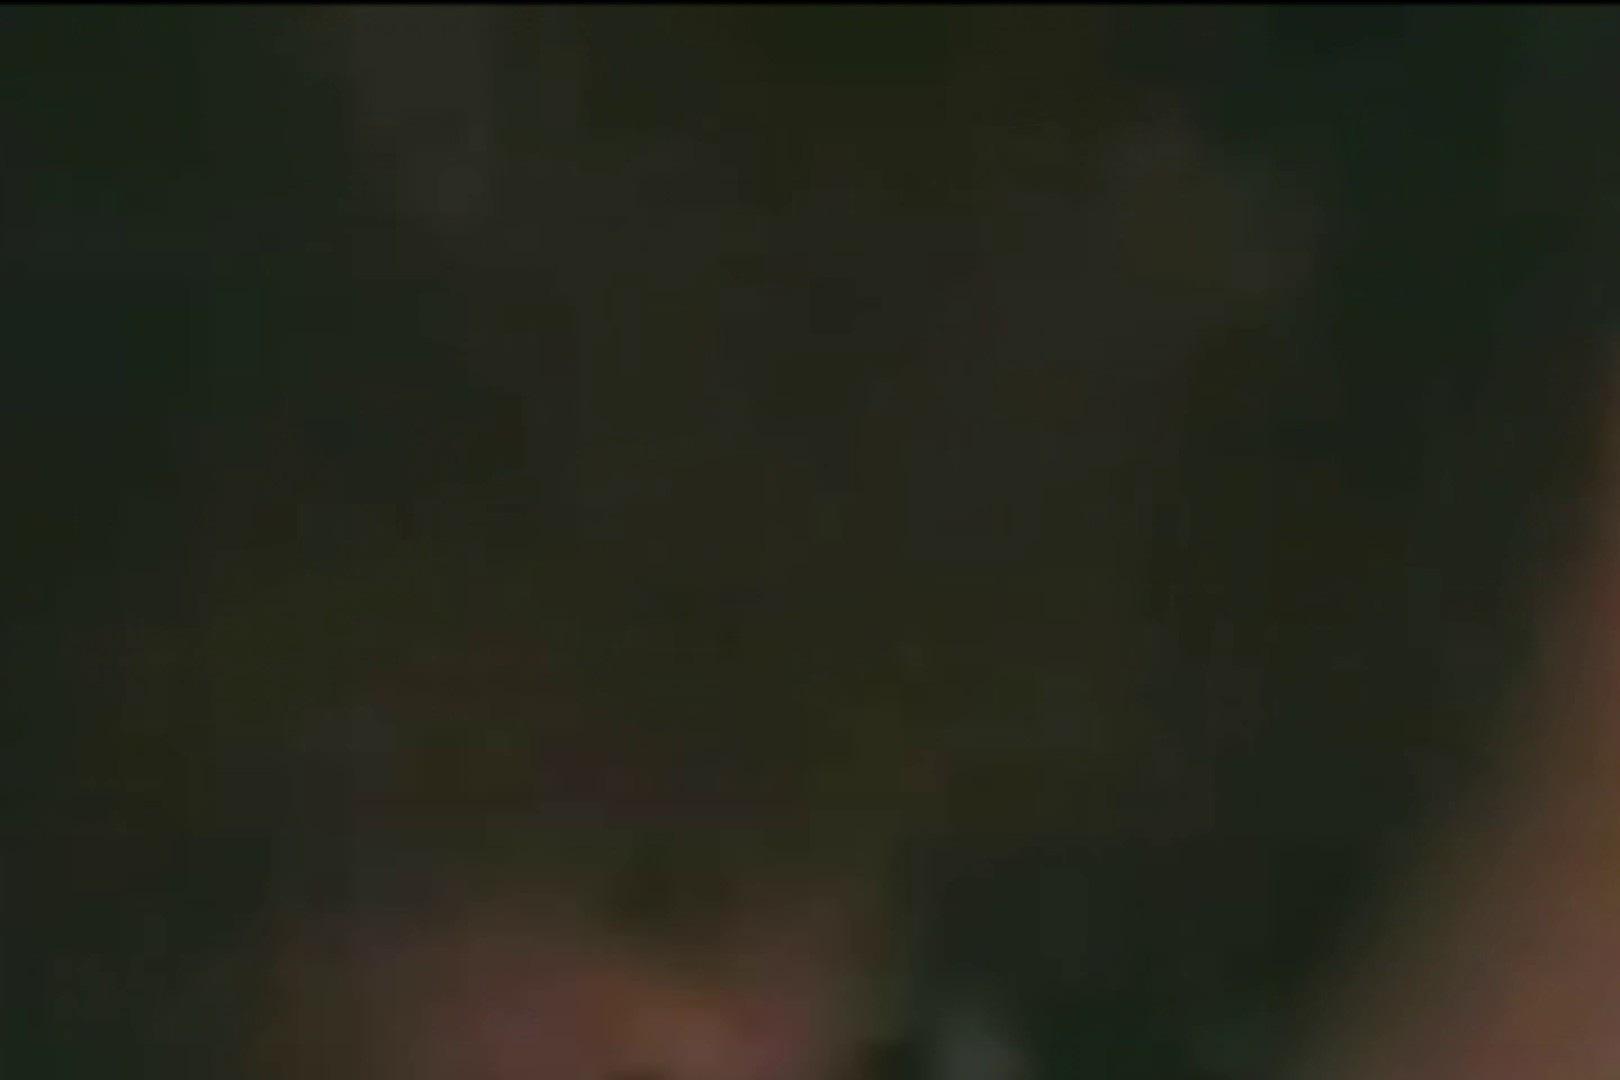 仁義なきキンタマ YAMAMOTOのアルバム フェラチオ  83連発 40